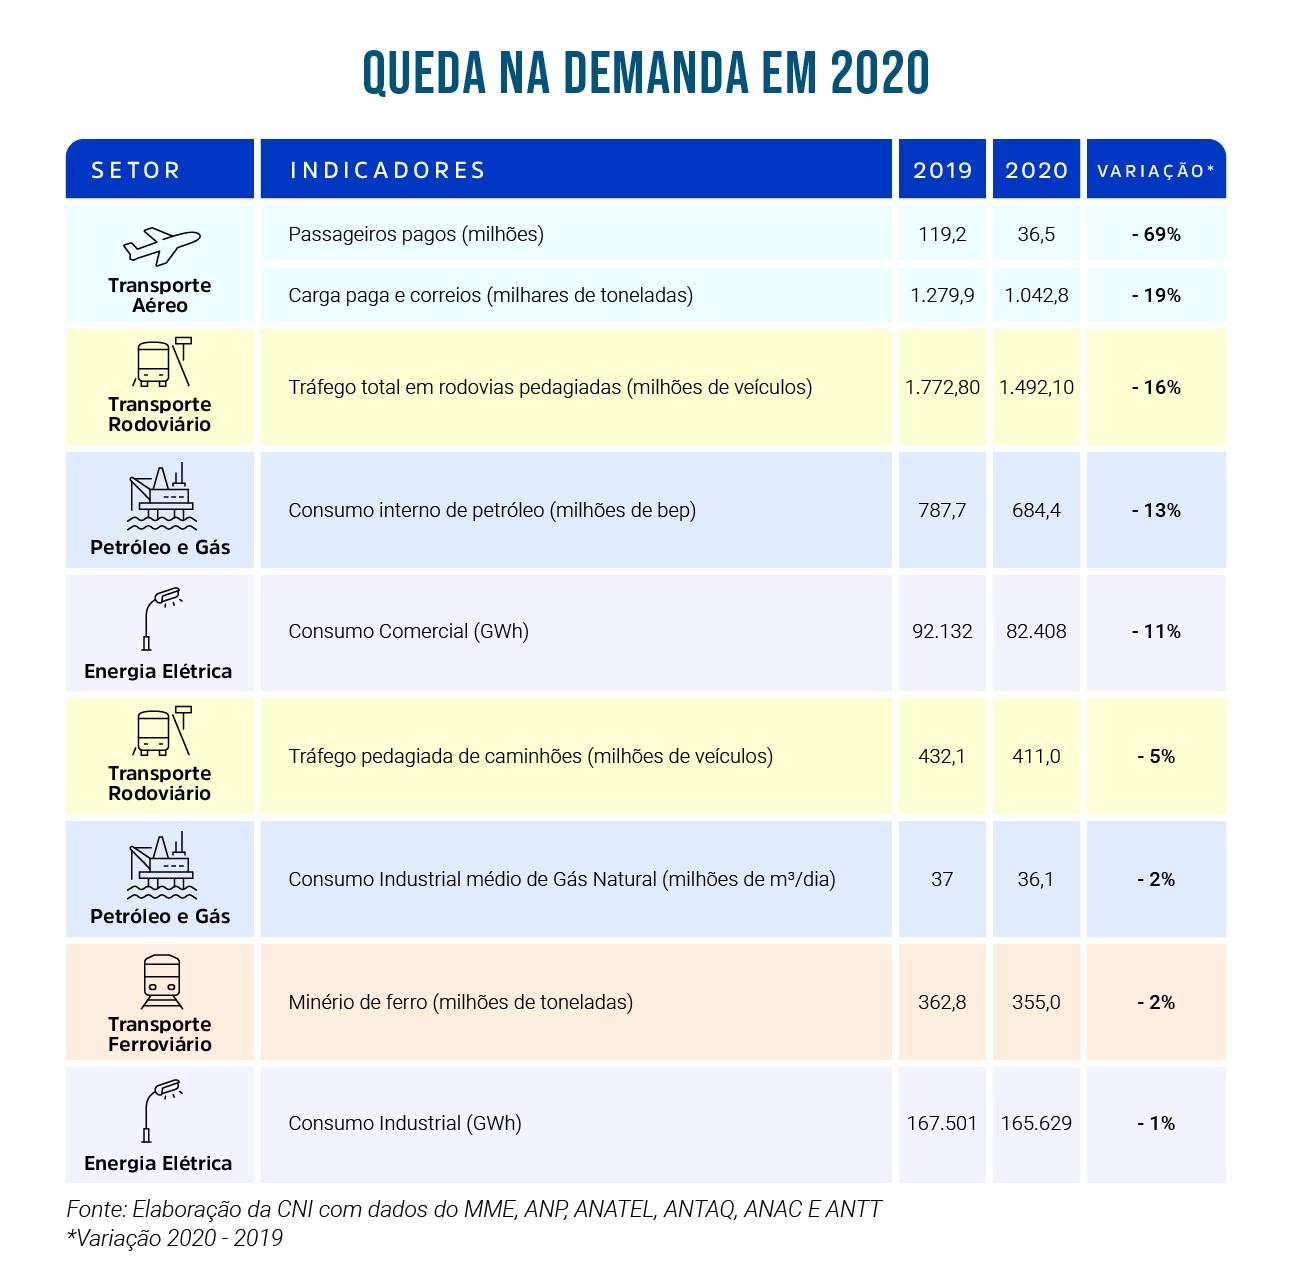 Tabela com os dados por setores e mostrando a variação dos números de 2019 e 2020